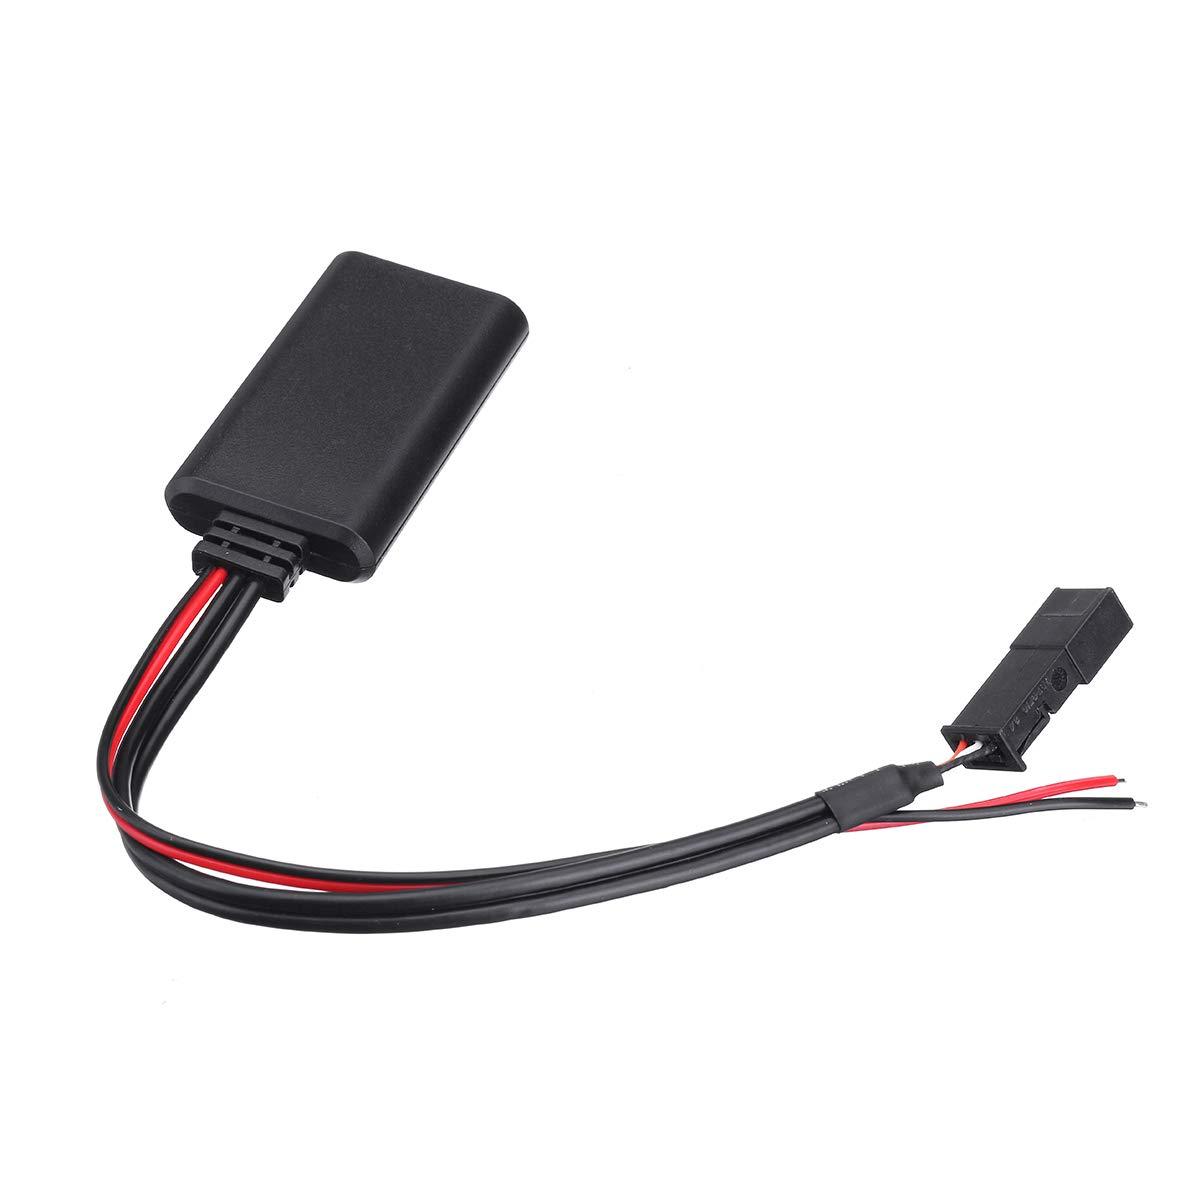 Adattatore Bluetooth per auto modulo Aux in cavo audio per BMW E39 E46 E38 E53 X5 Radio BM54